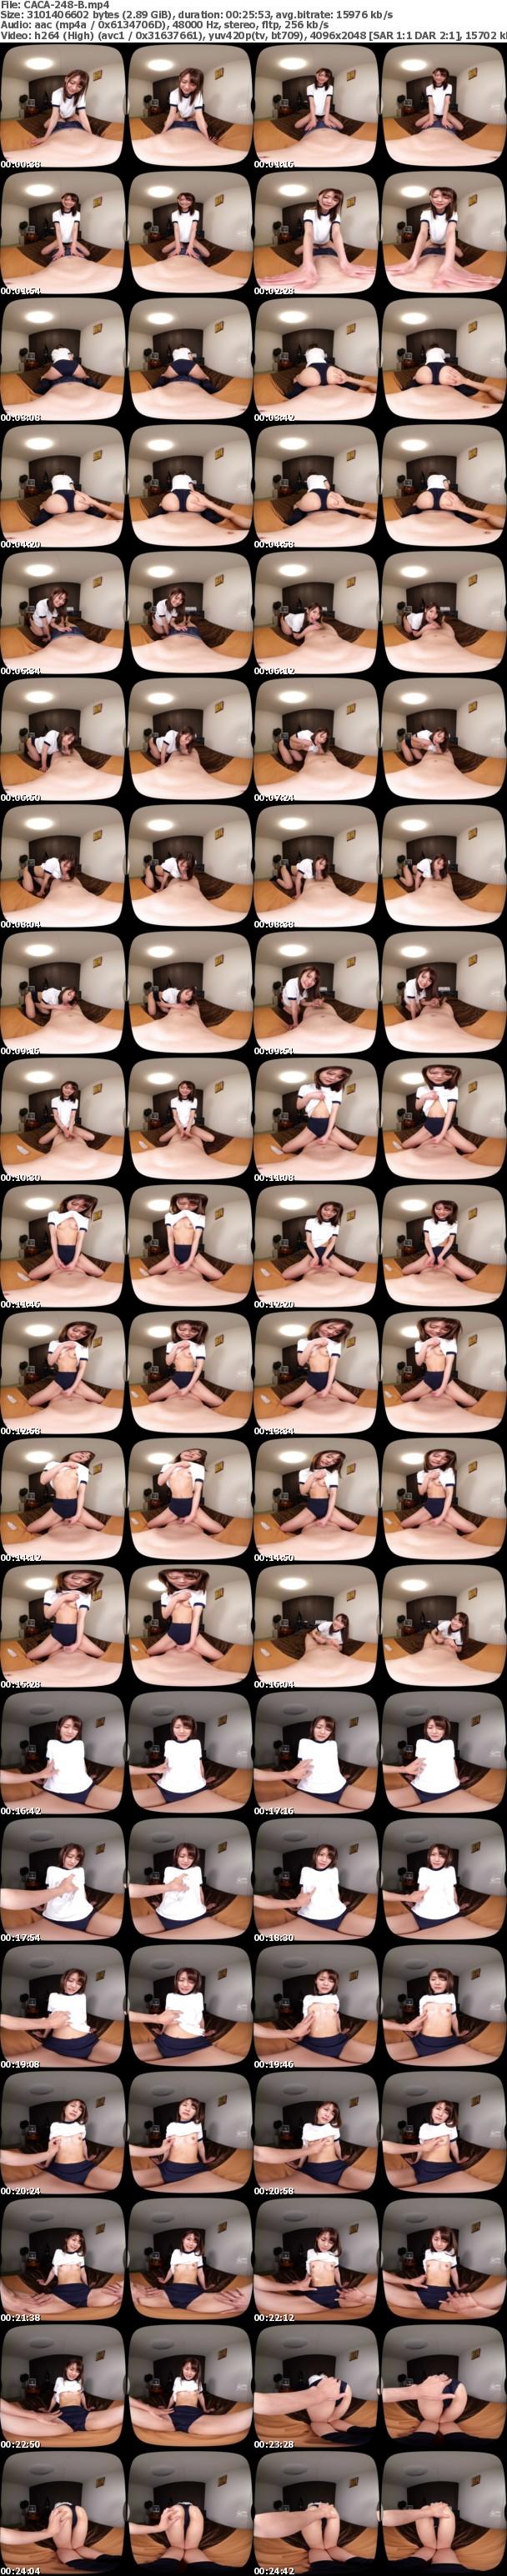 (VR) CACA-248 ノーブラじょしこーせー~制服とブルマ姿で愉しむロリ可愛いコとの性活~ 東條なつ